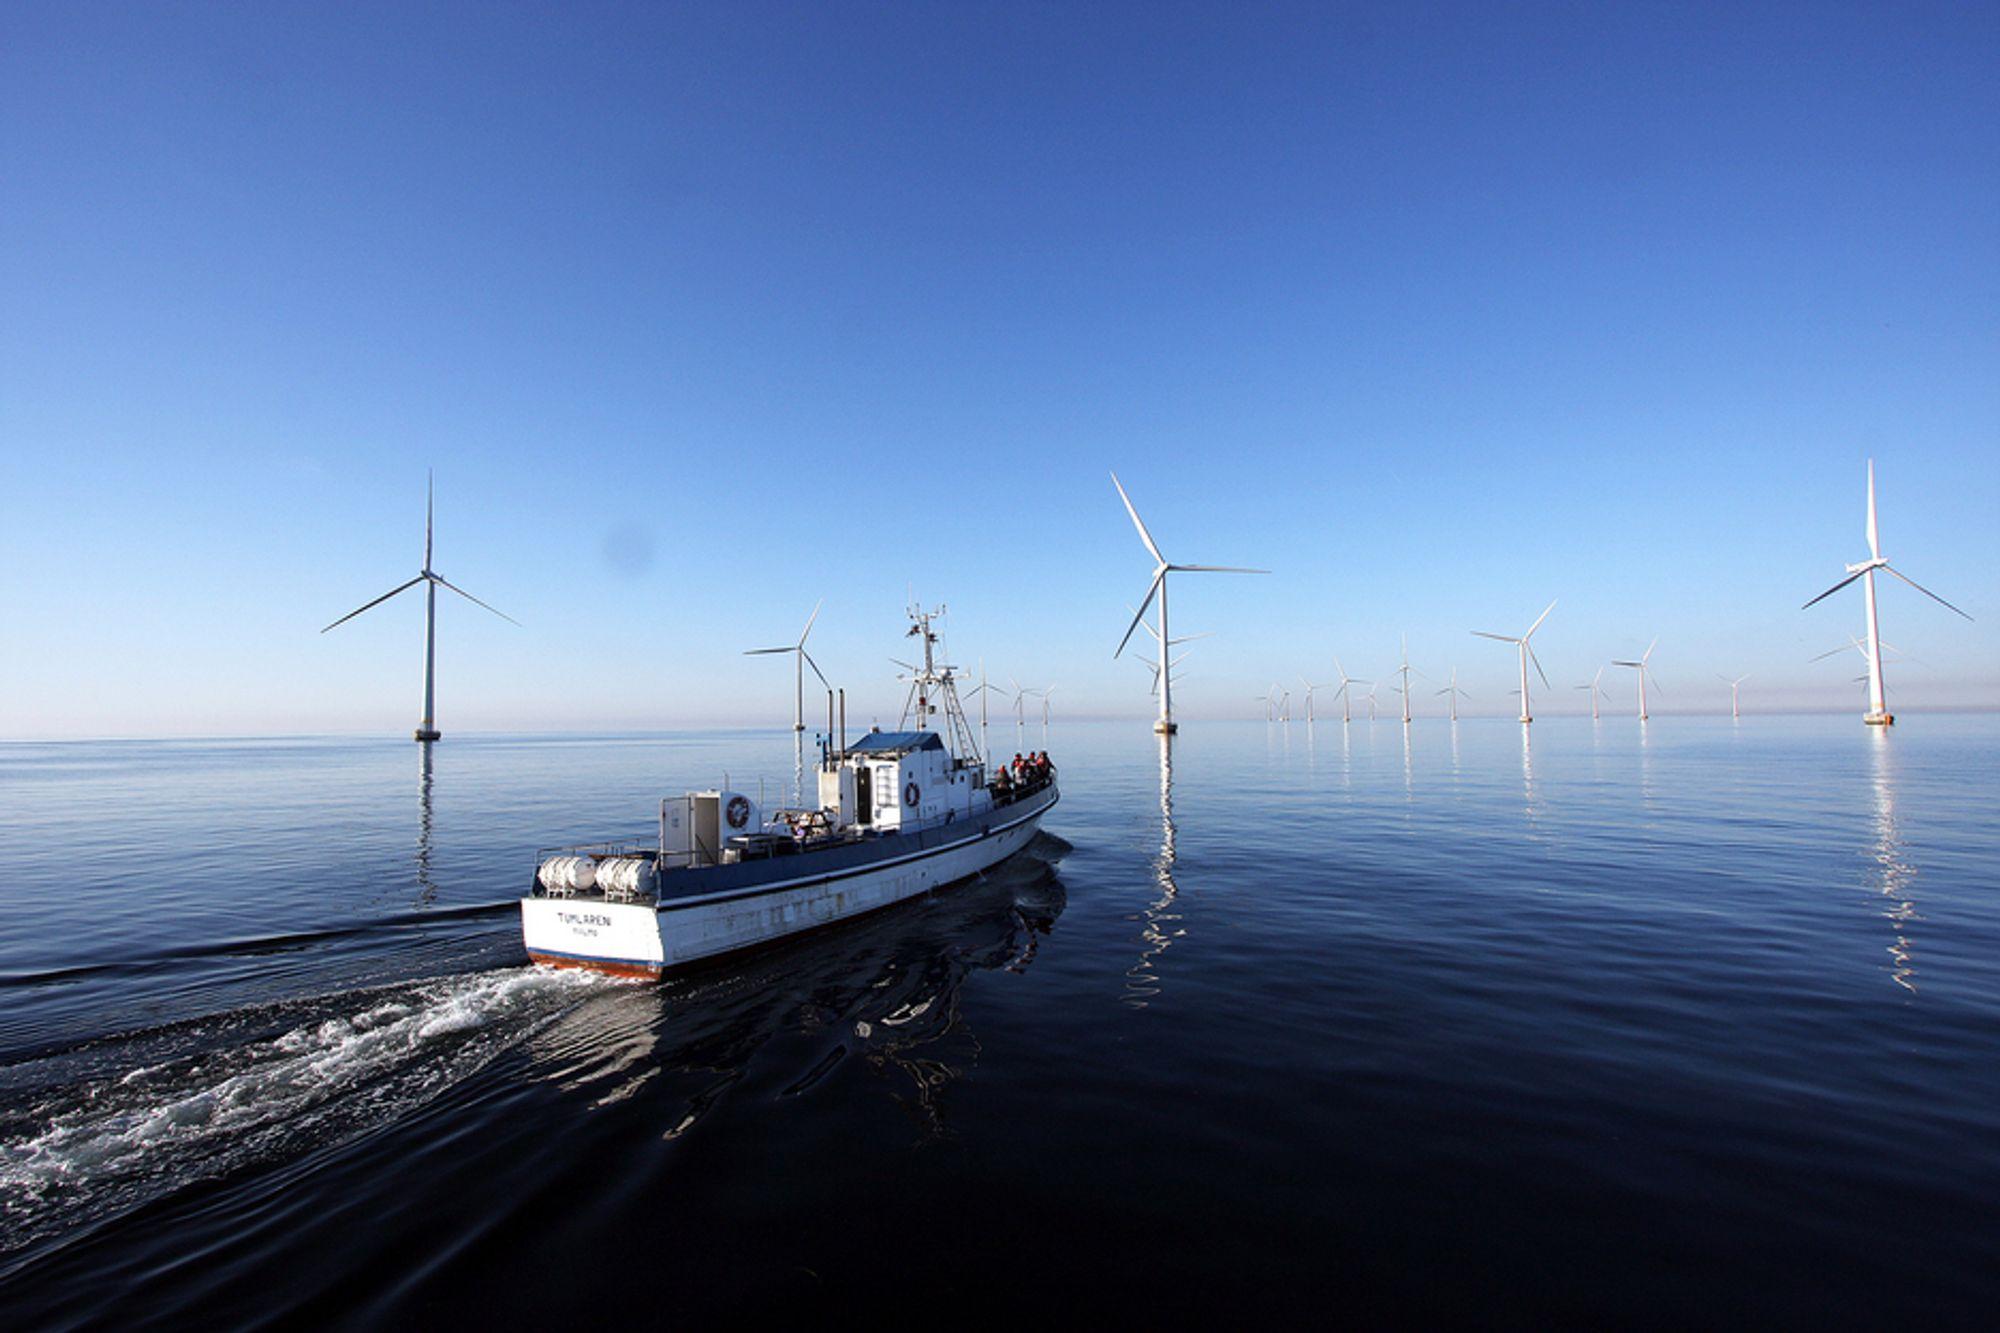 VINDKRAFT TIL HAVS: 1.662 havvindturbiner er nå i drift på kontinentet, ifølge ny rapport.